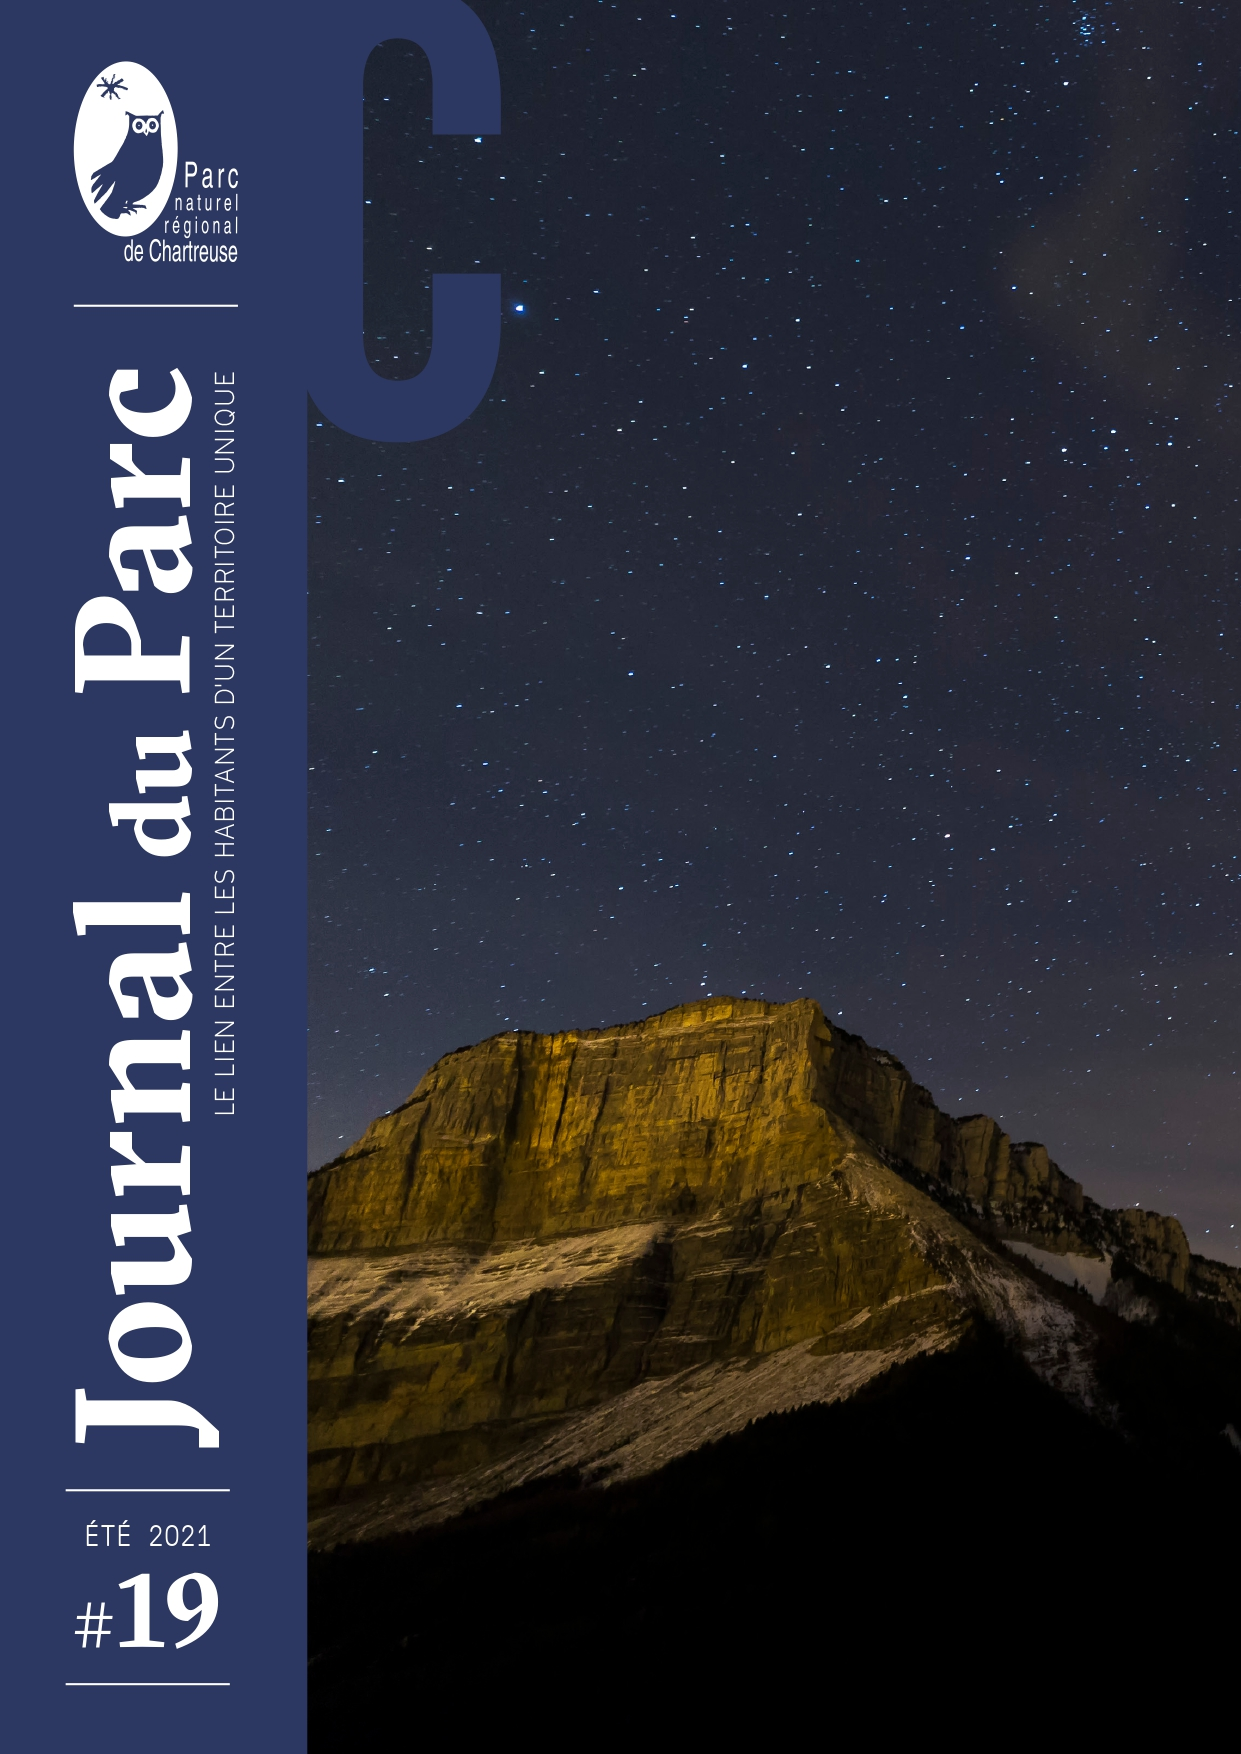 Journal du Parc n°19 été 2021 - PNR Chartreuse